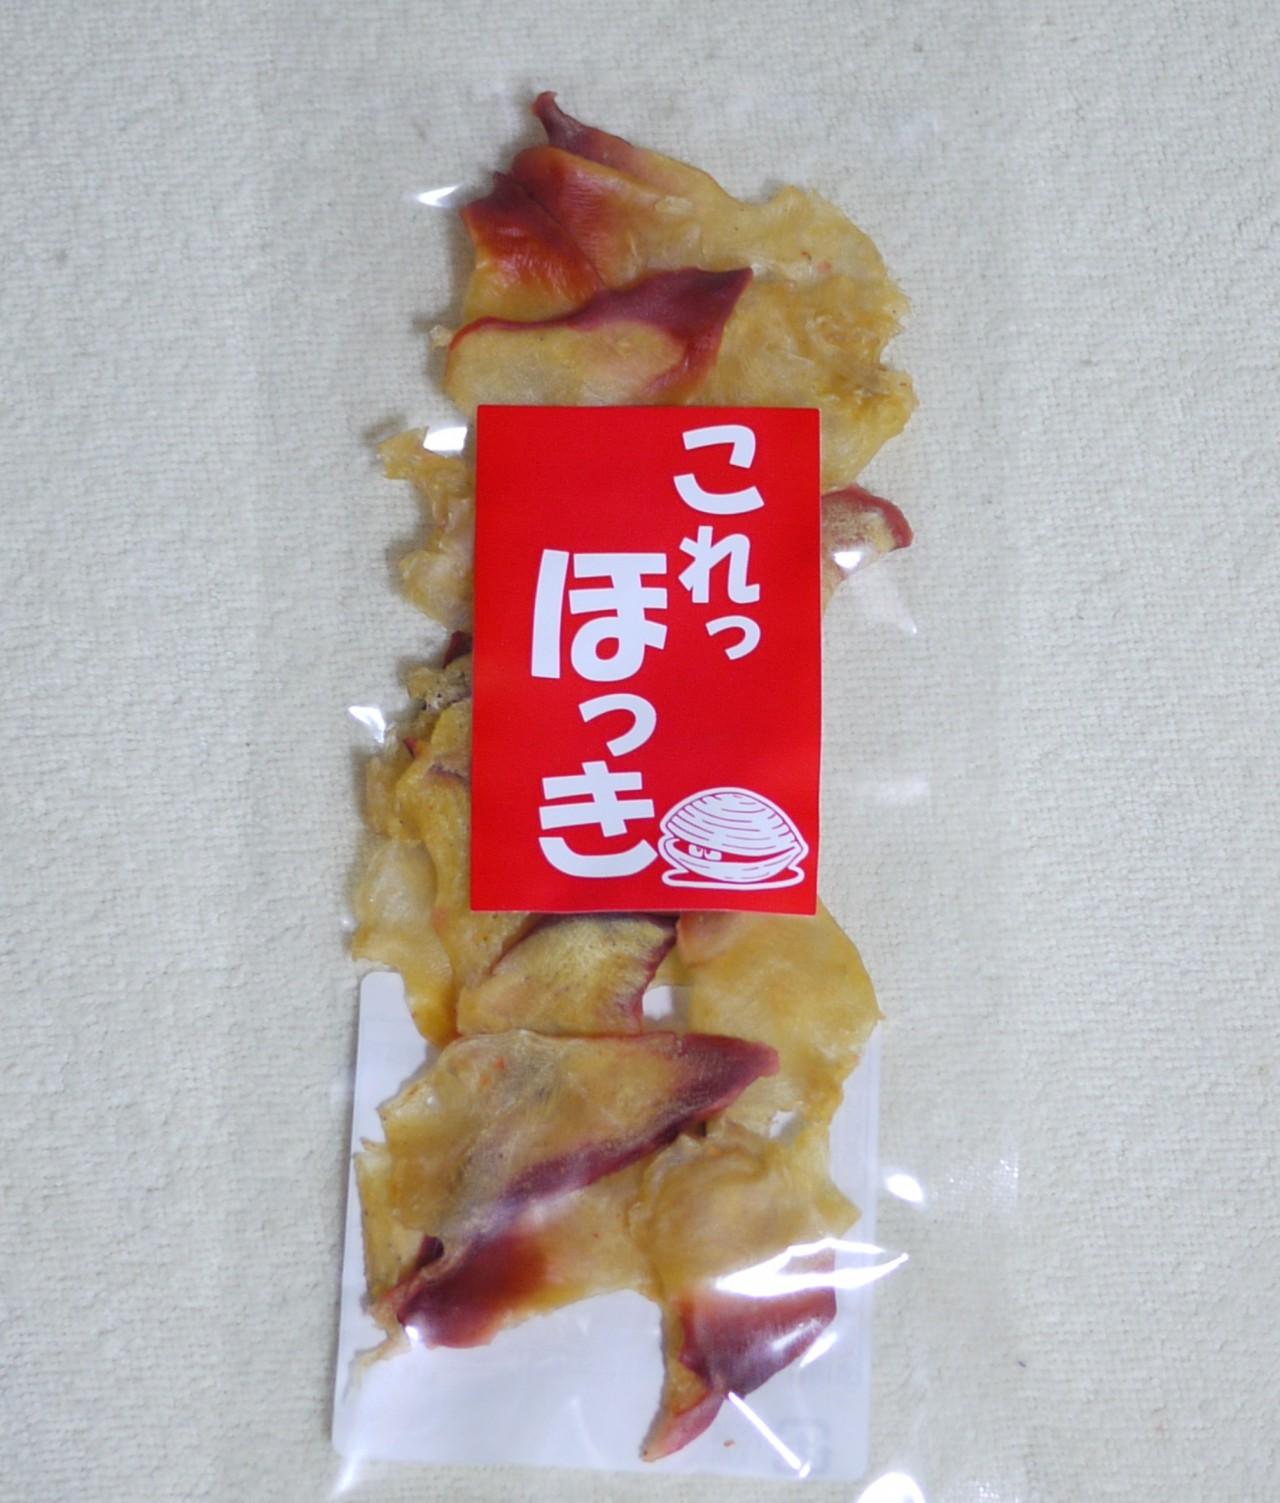 青森 三沢 食べ物 珍味 ほっき 北寄 これほっき 乾物